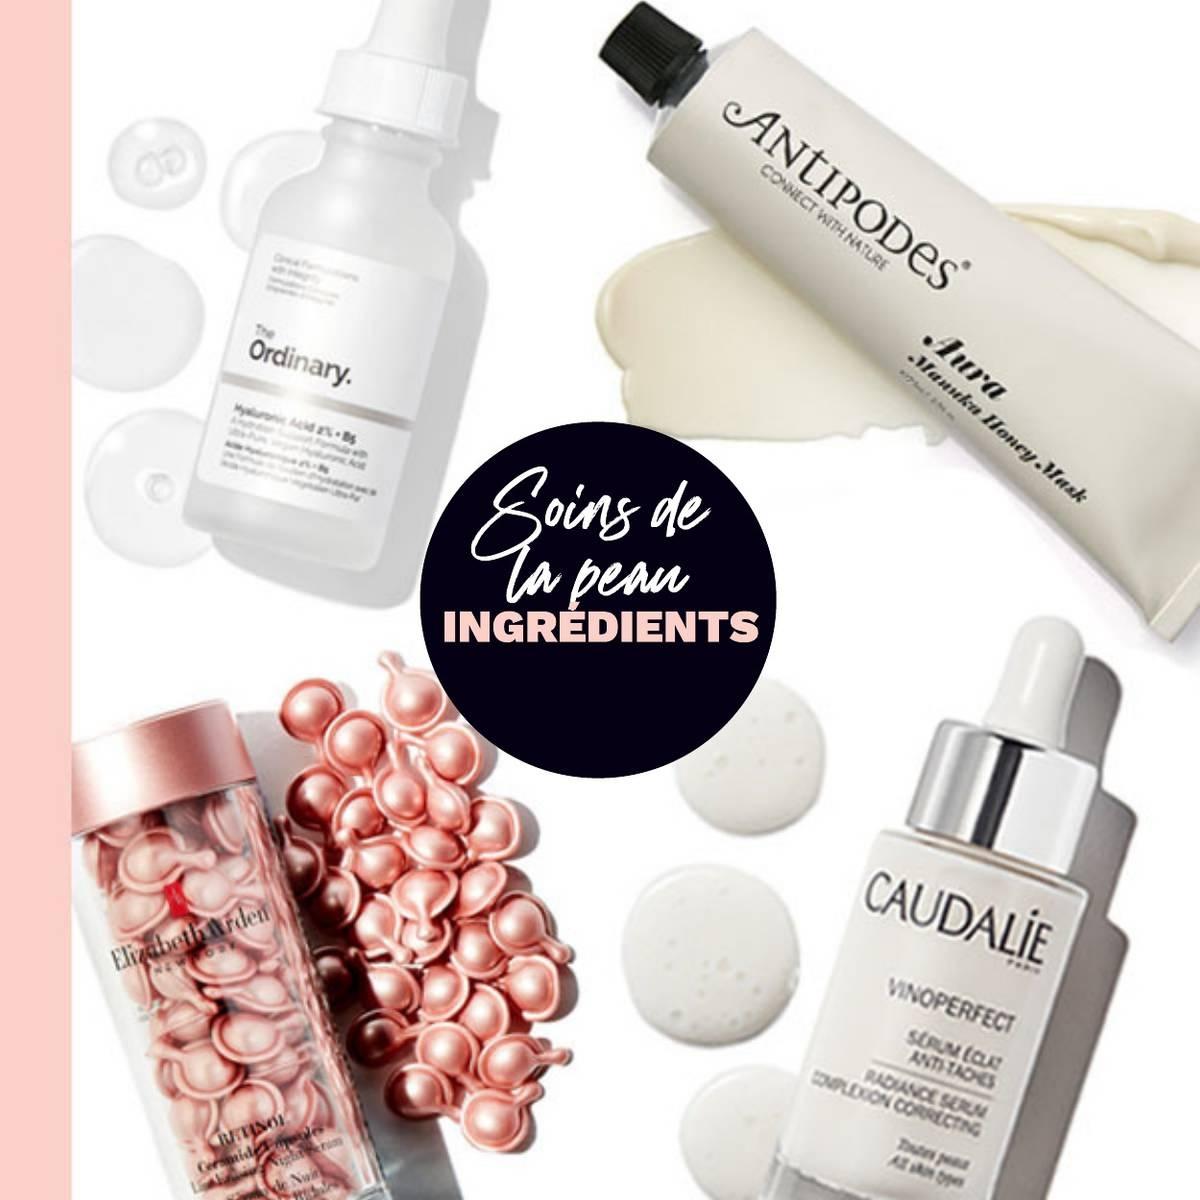 Achetez par ingrédient de soin et découvrez ce dont votre peau a le plus besoin !